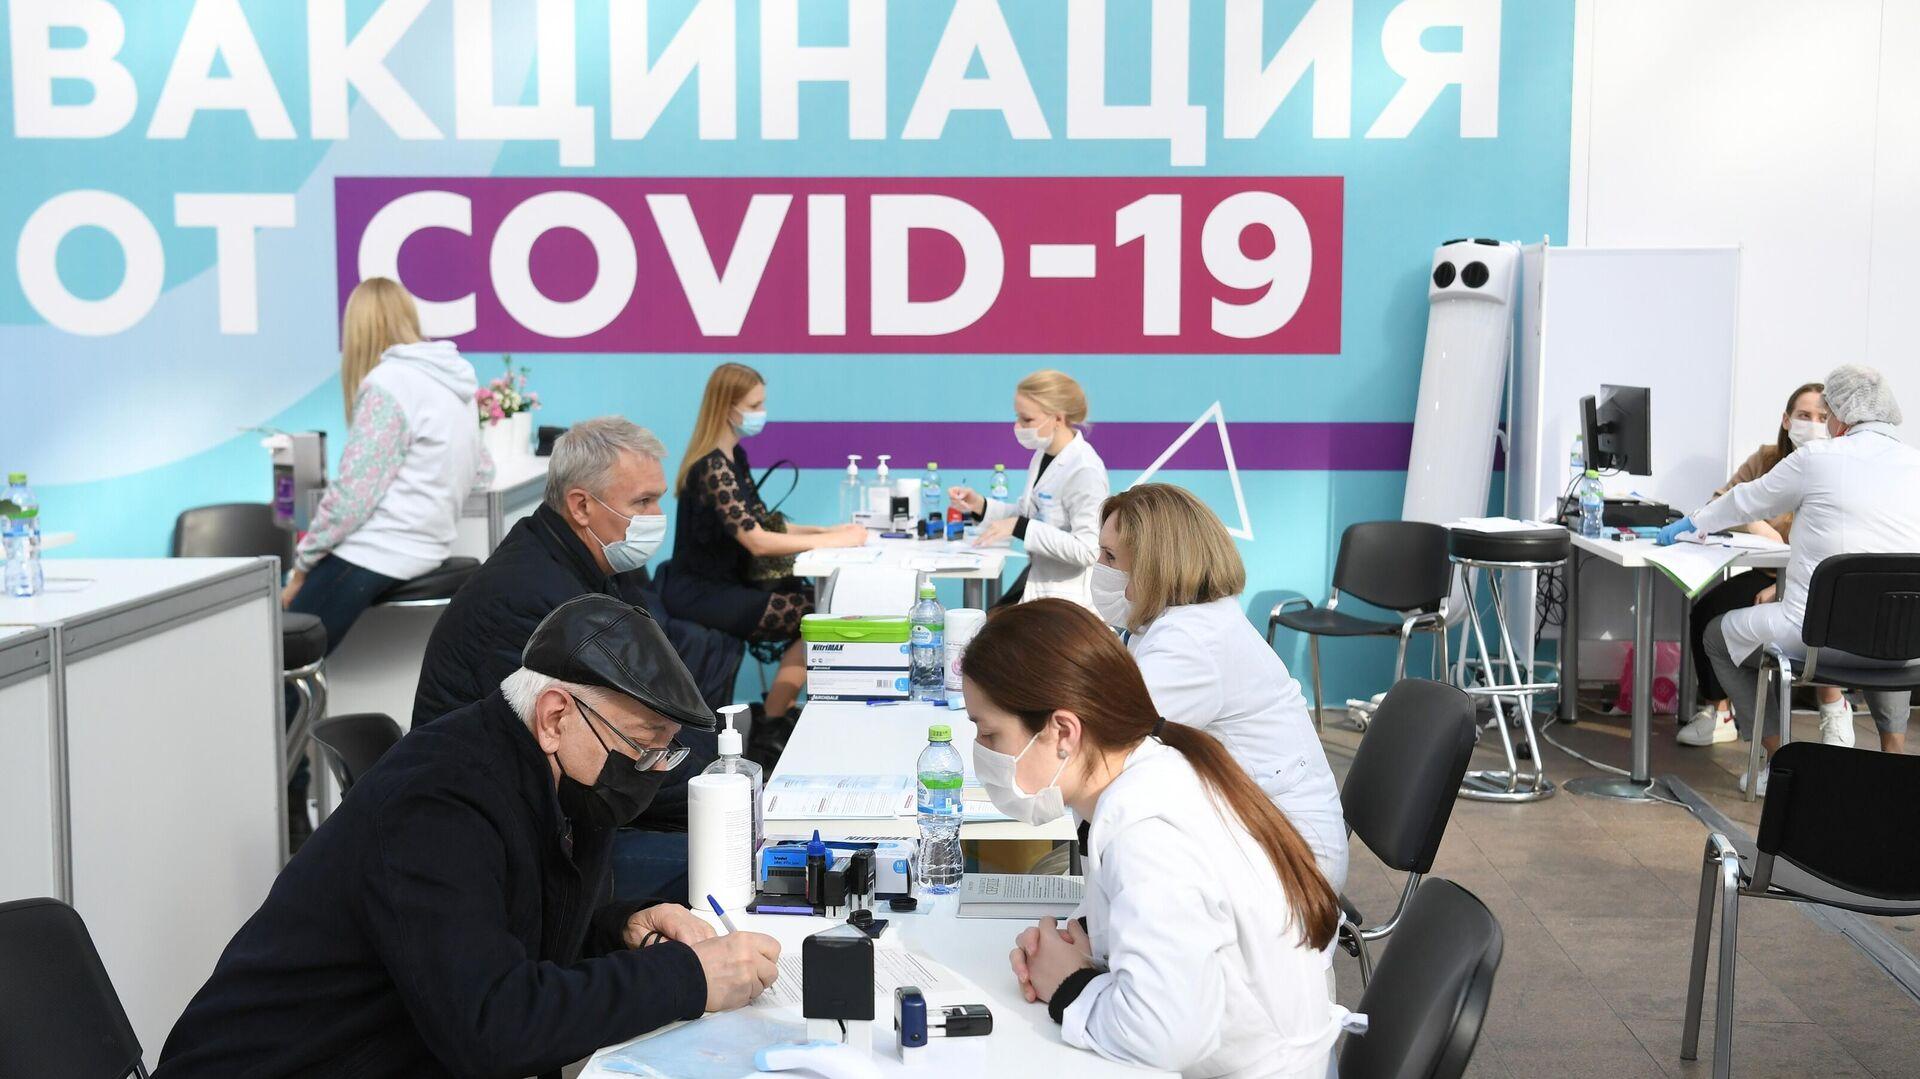 Вакцинация от COVID-19 в Москве - РИА Новости, 1920, 13.10.2021